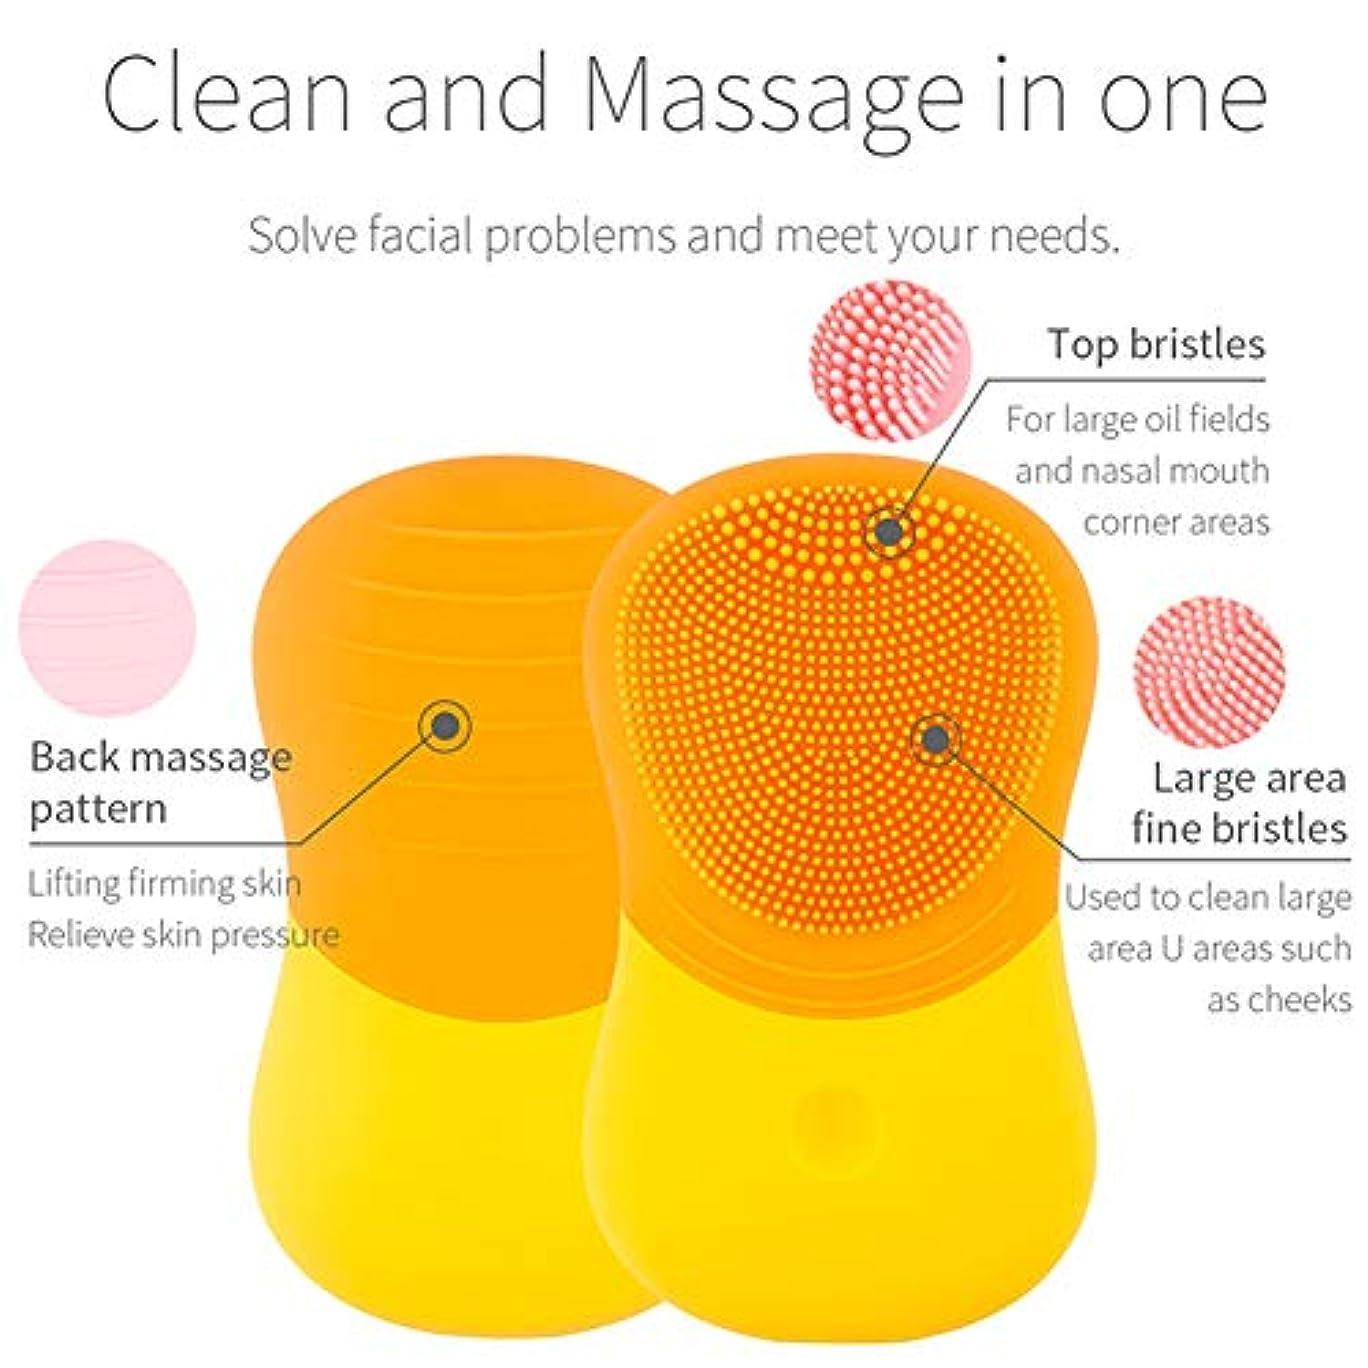 政令バックアップマンモスフェイスクレンザーブラシ、防水ミニスキンスクラバーマッサージャーシリコーン電気ディープ洗顔、毛穴クリーナーエクスフォリエイティング、ブラックヘッド、ディープクレンジングスキンケアを削除します (Color : 黄)